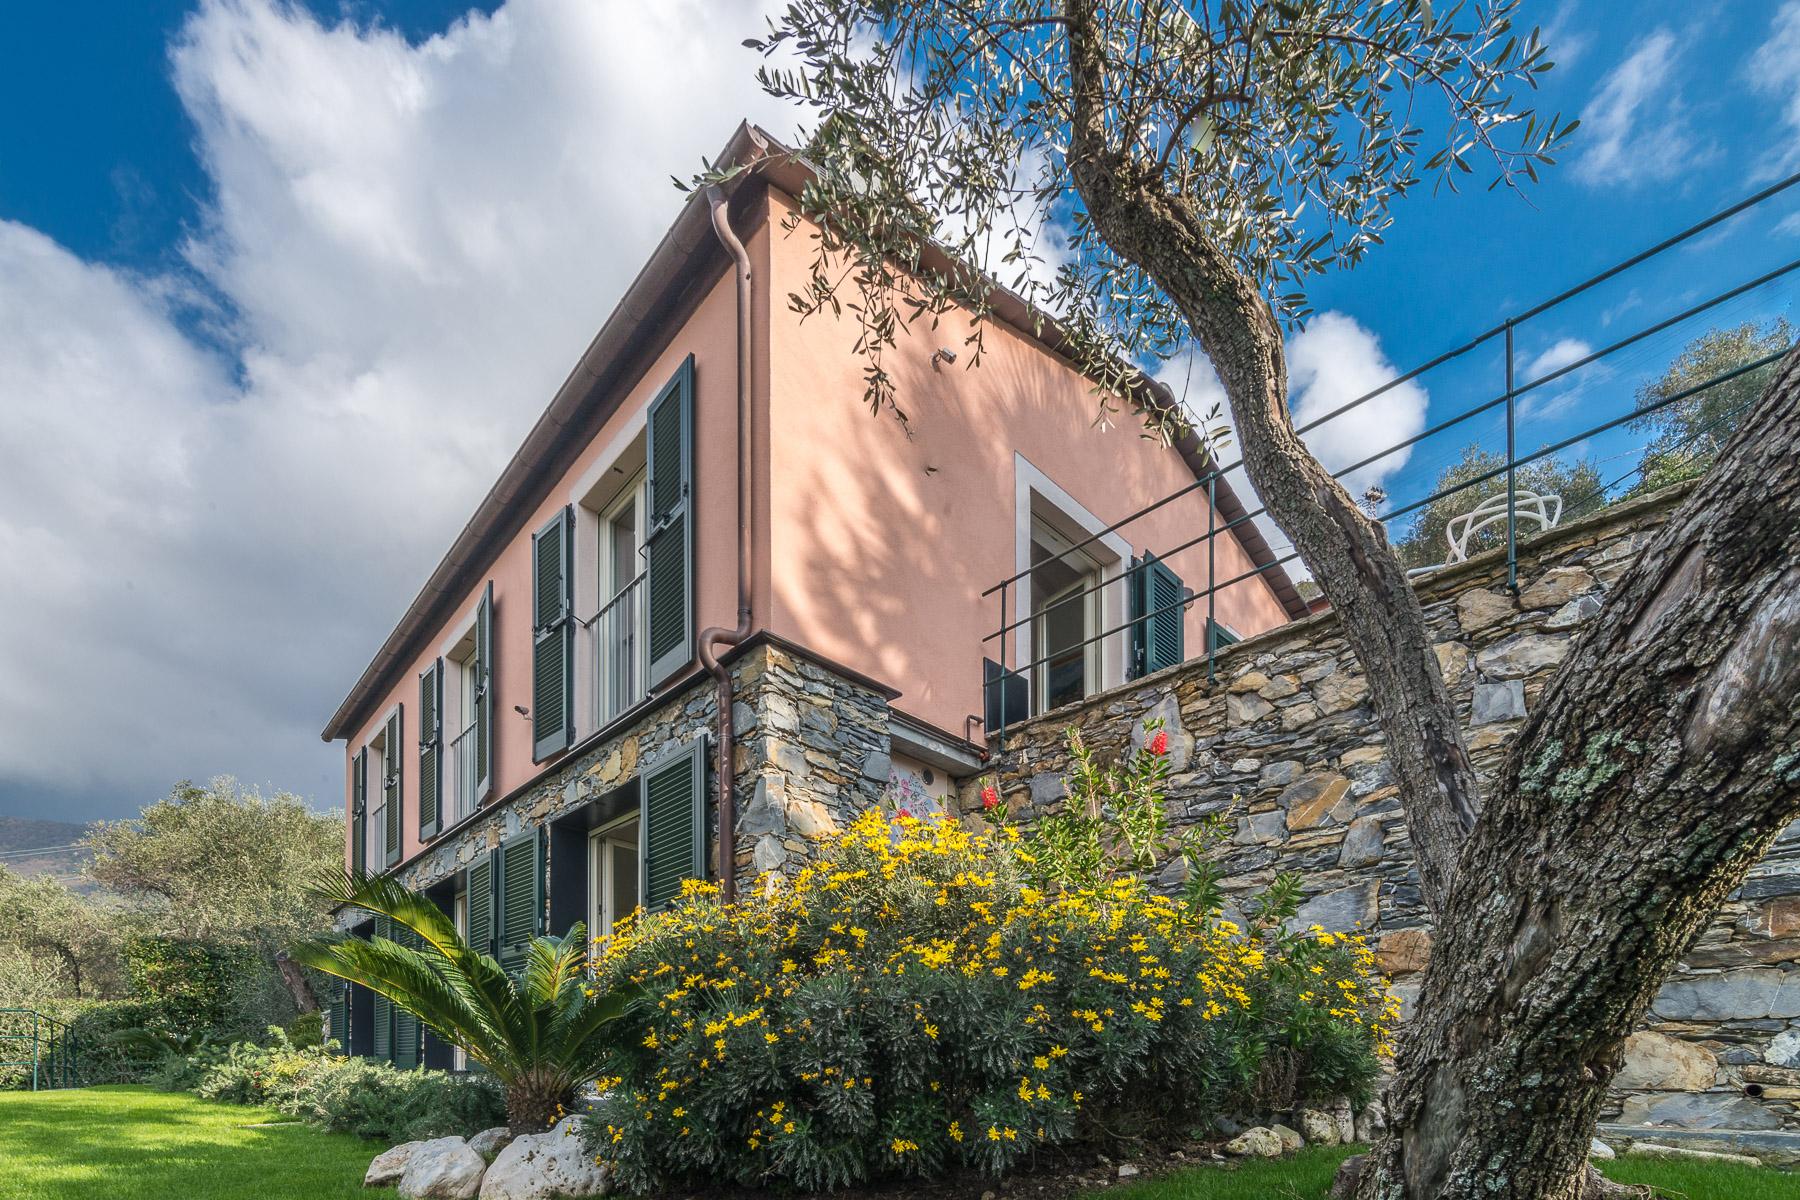 Maison unifamiliale pour l Vente à Charming villa with views on the Italian Riviera Via Solari e Queirolo Zoagli, Genoa 16035 Italie